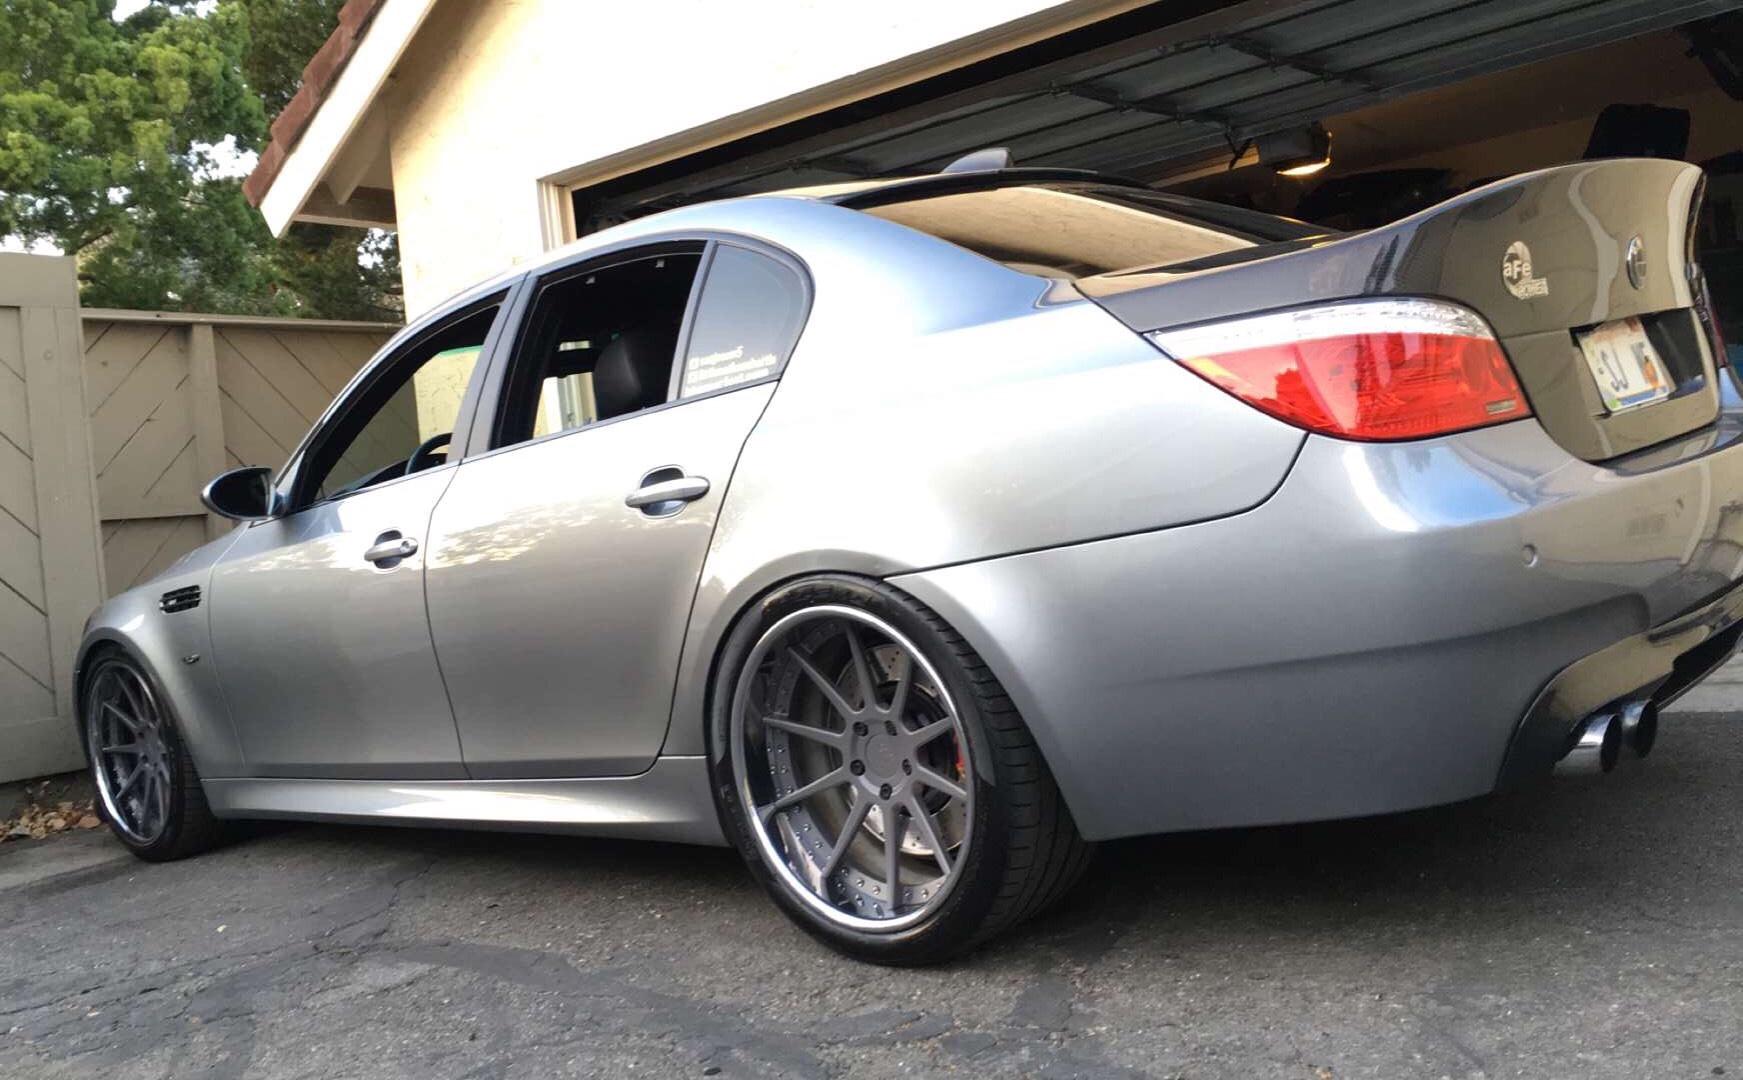 ... ) For Sale E60 m5 csl carbon fiber trunk - BMW M5 Forum and M6 Forums